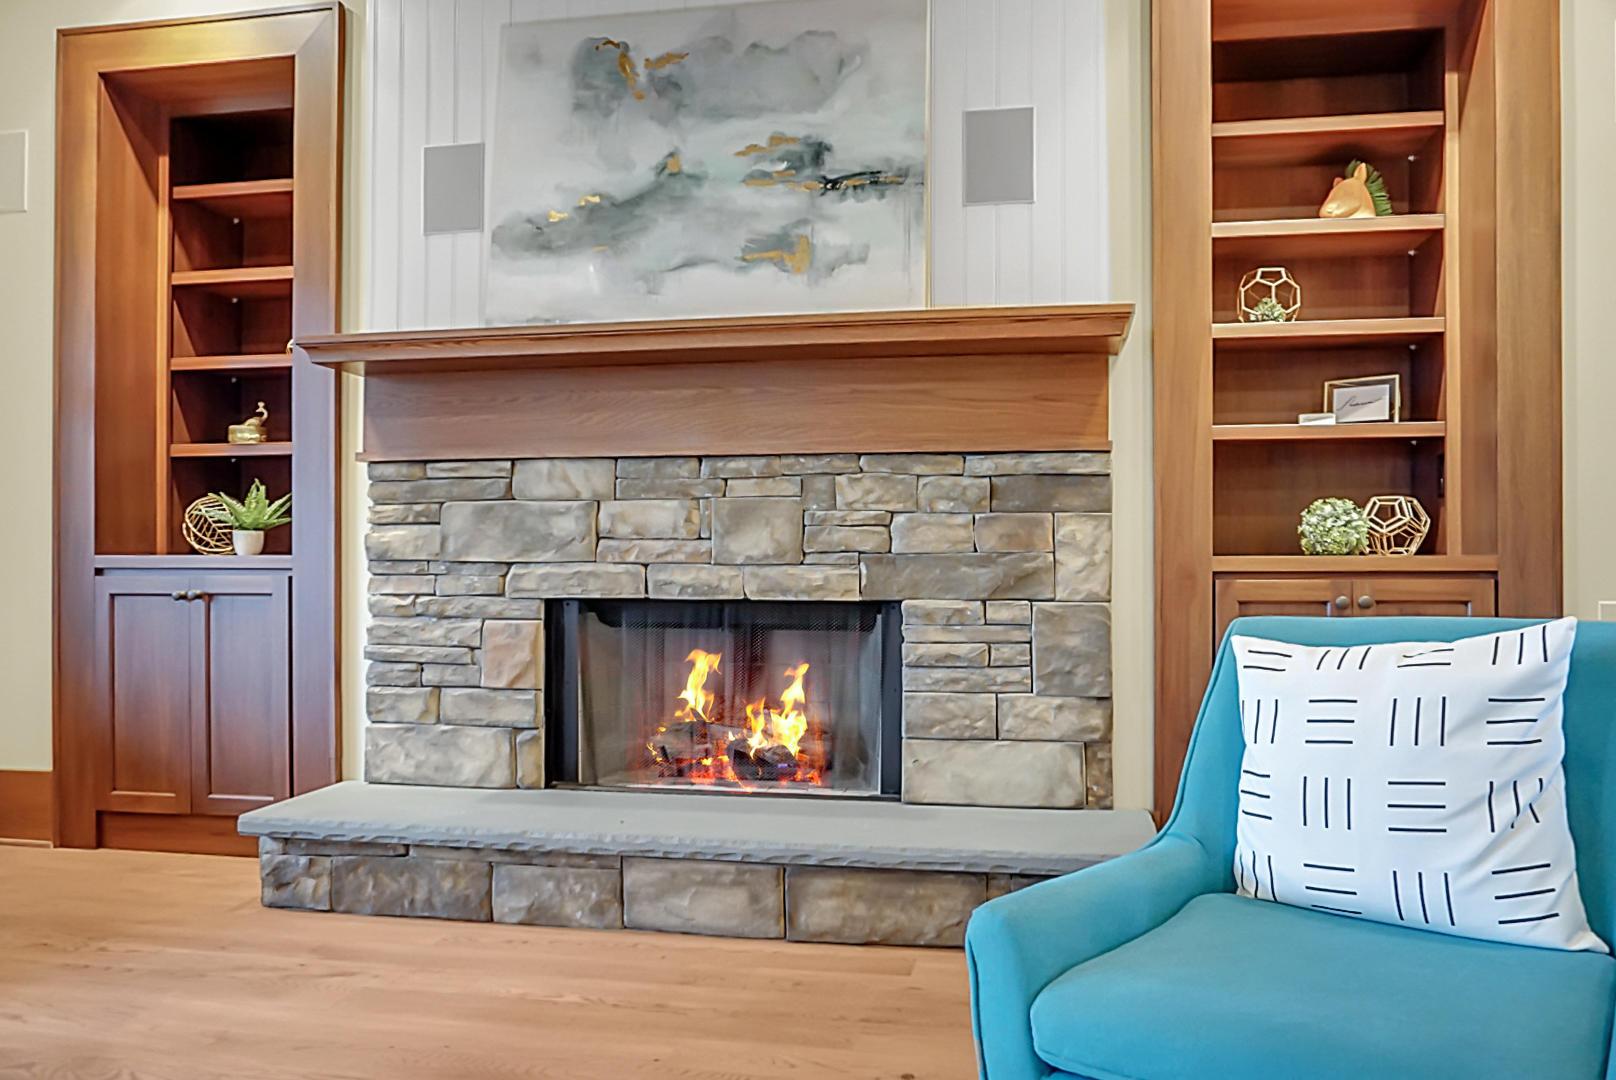 Dunes West Homes For Sale - 2978 River Vista, Mount Pleasant, SC - 25